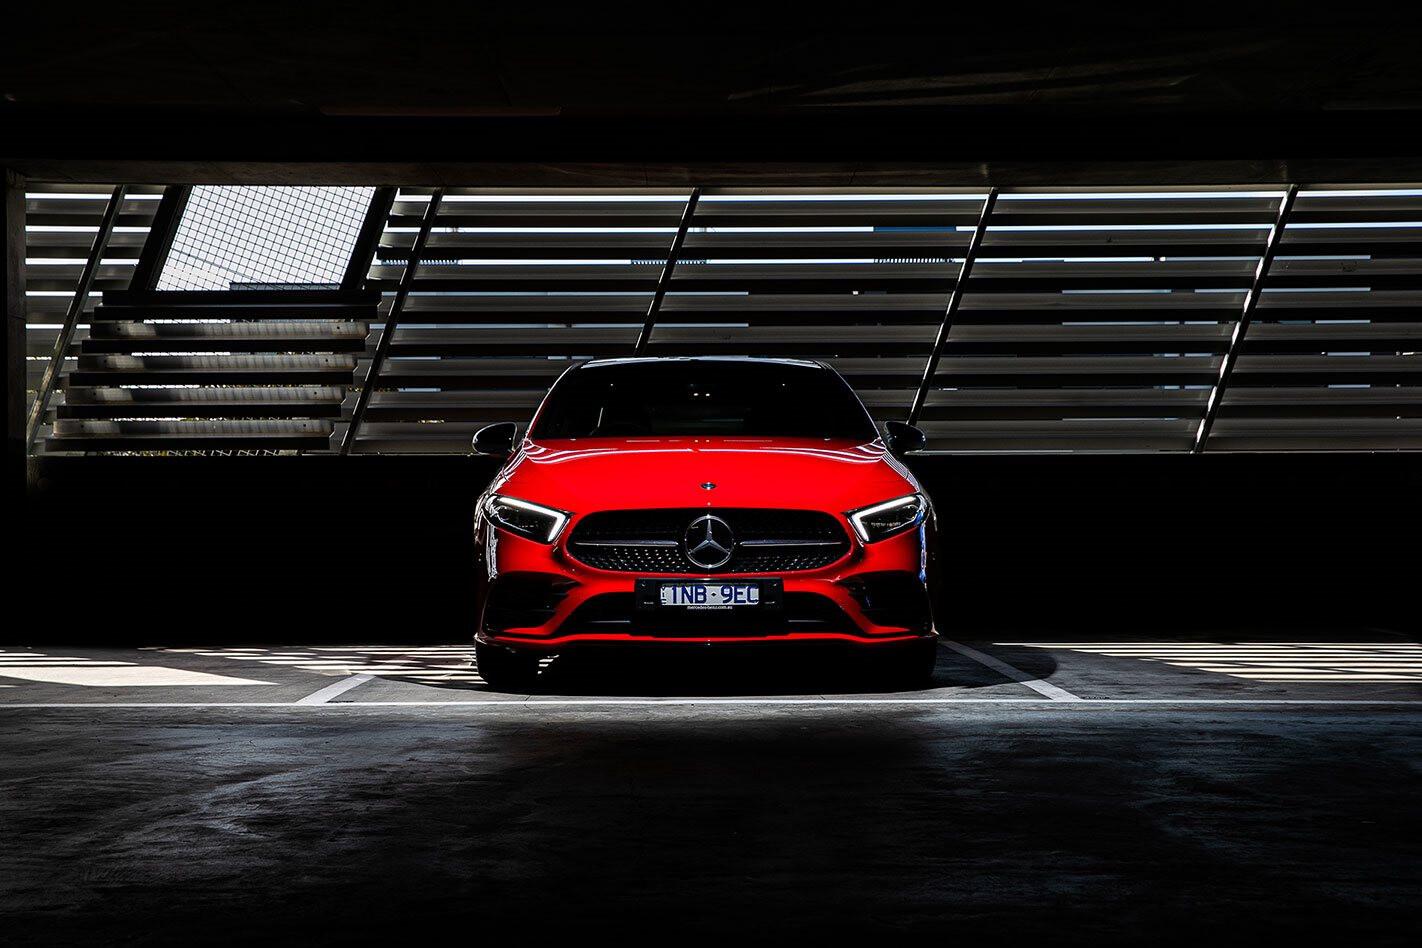 2019 Mercedes-Benz A250 4Matic Long Term Test